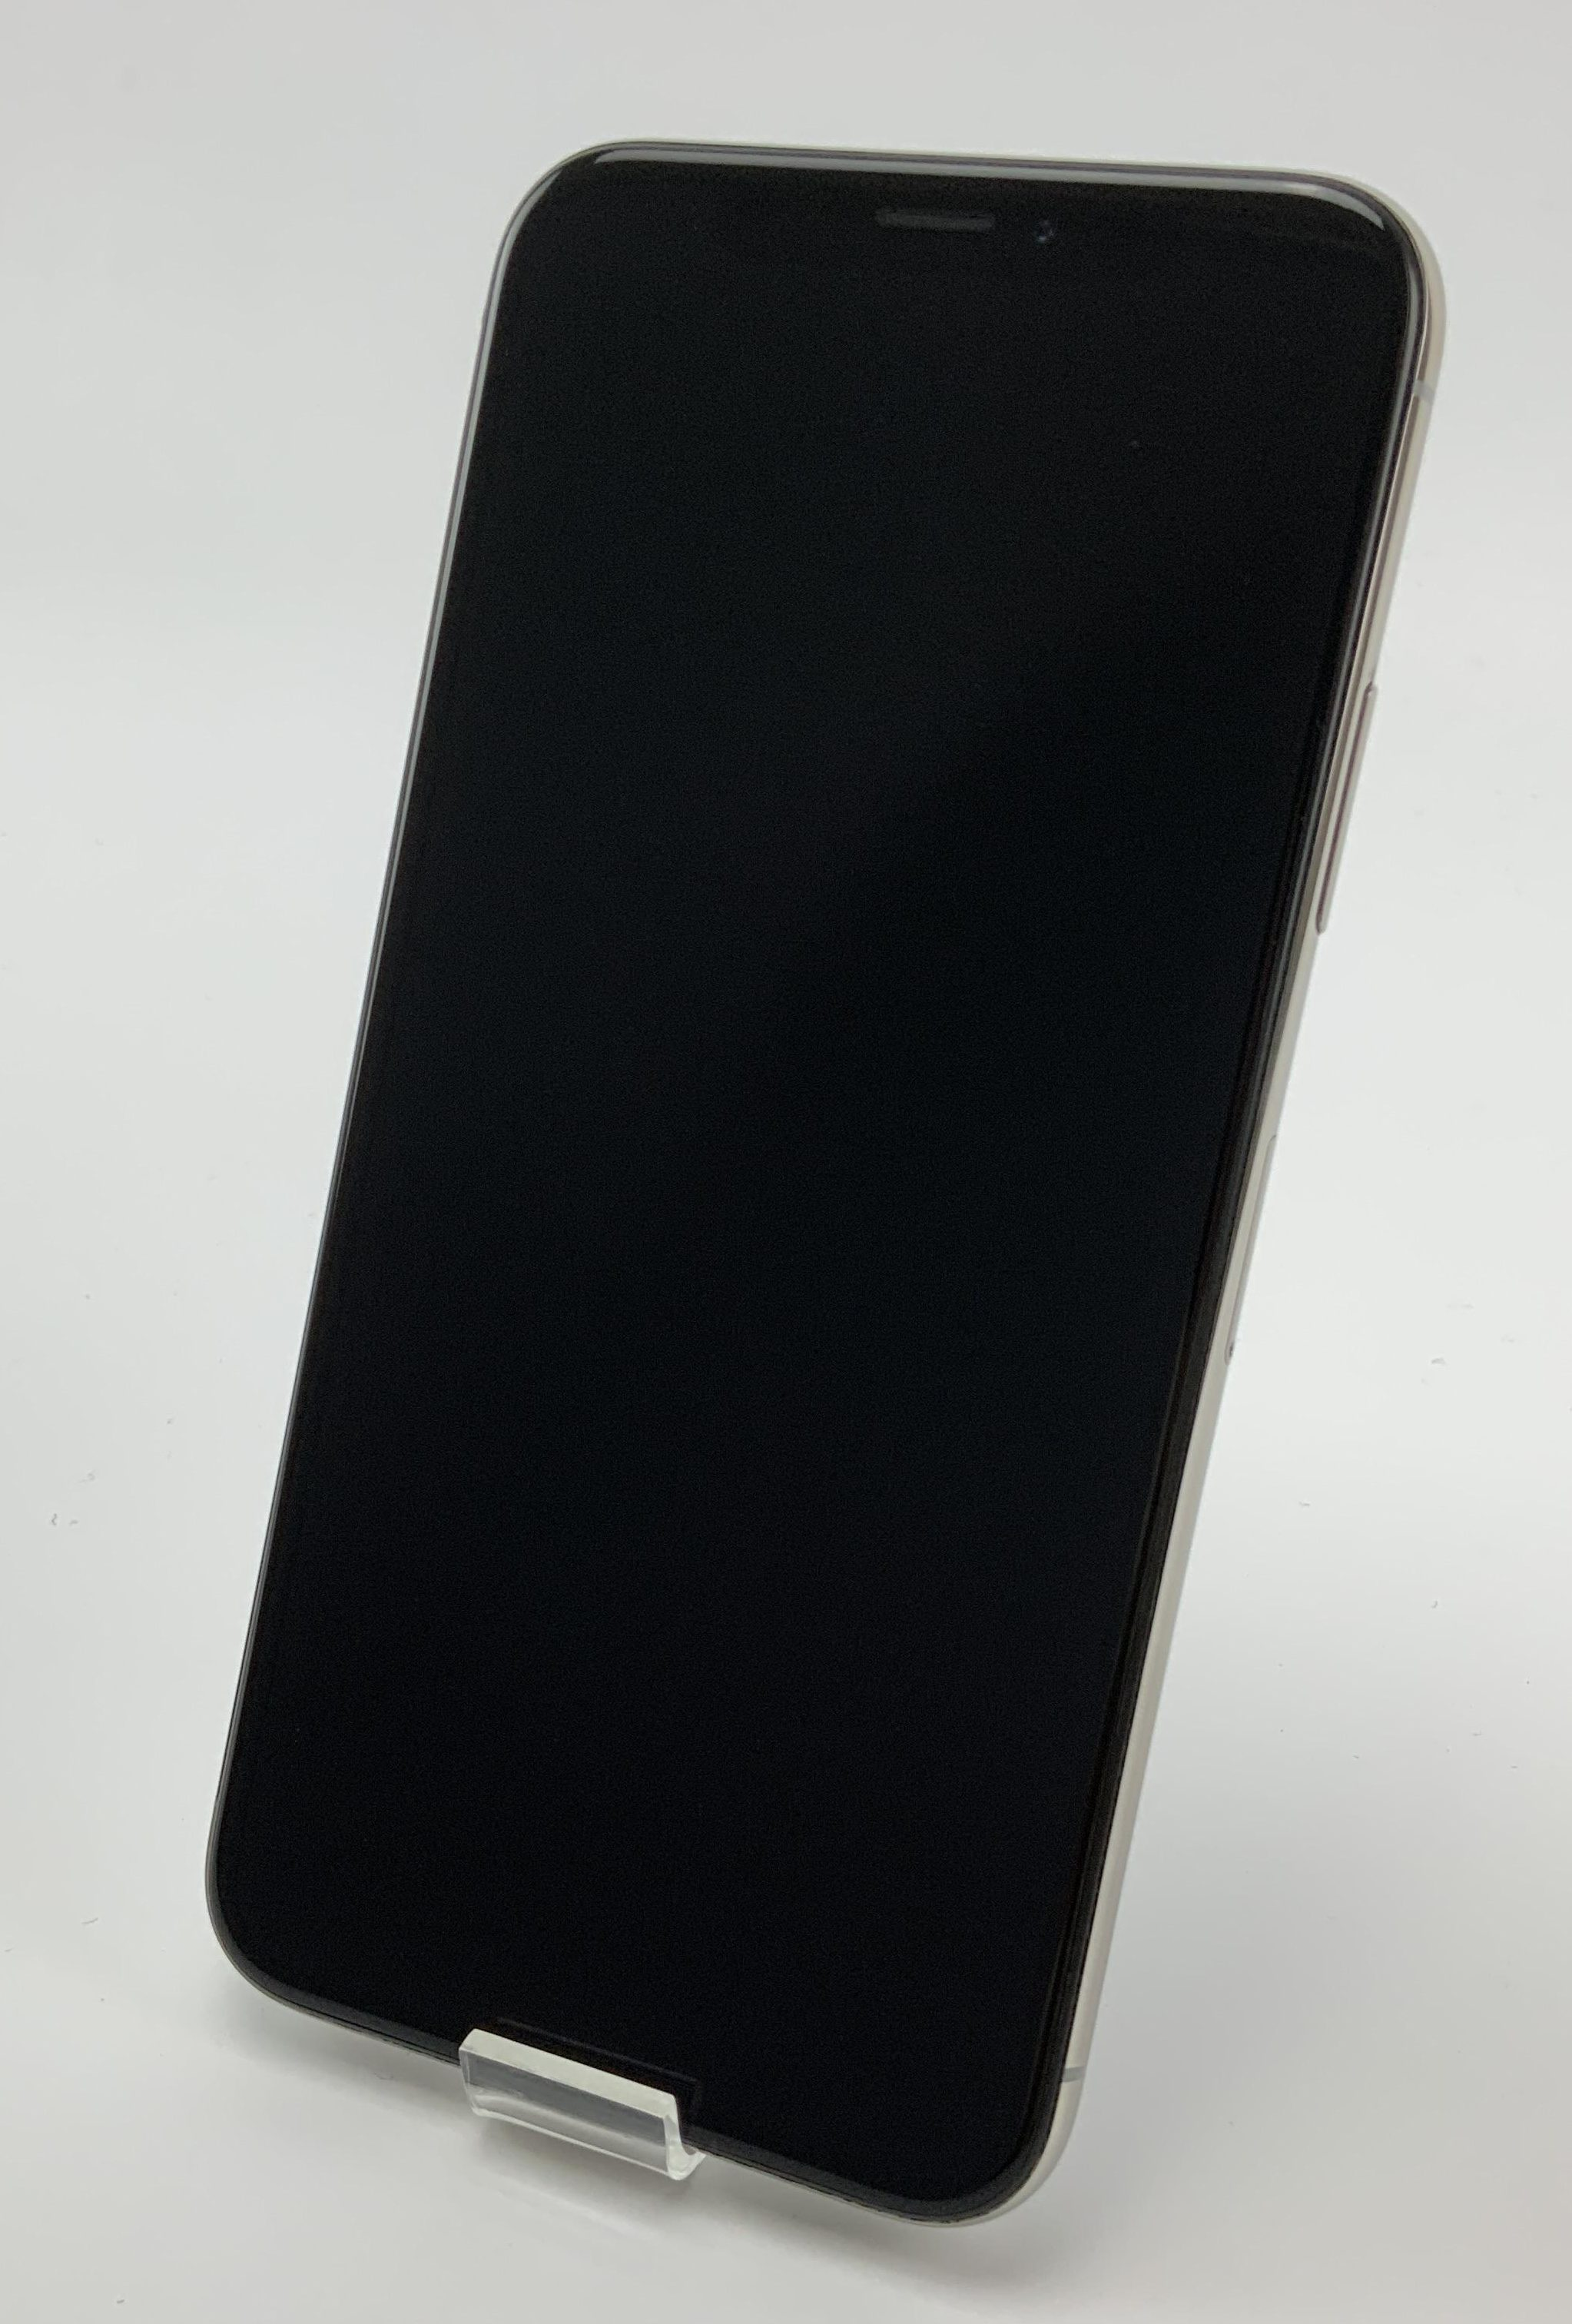 iPhone X 64GB, 64GB, Silver, Afbeelding 1